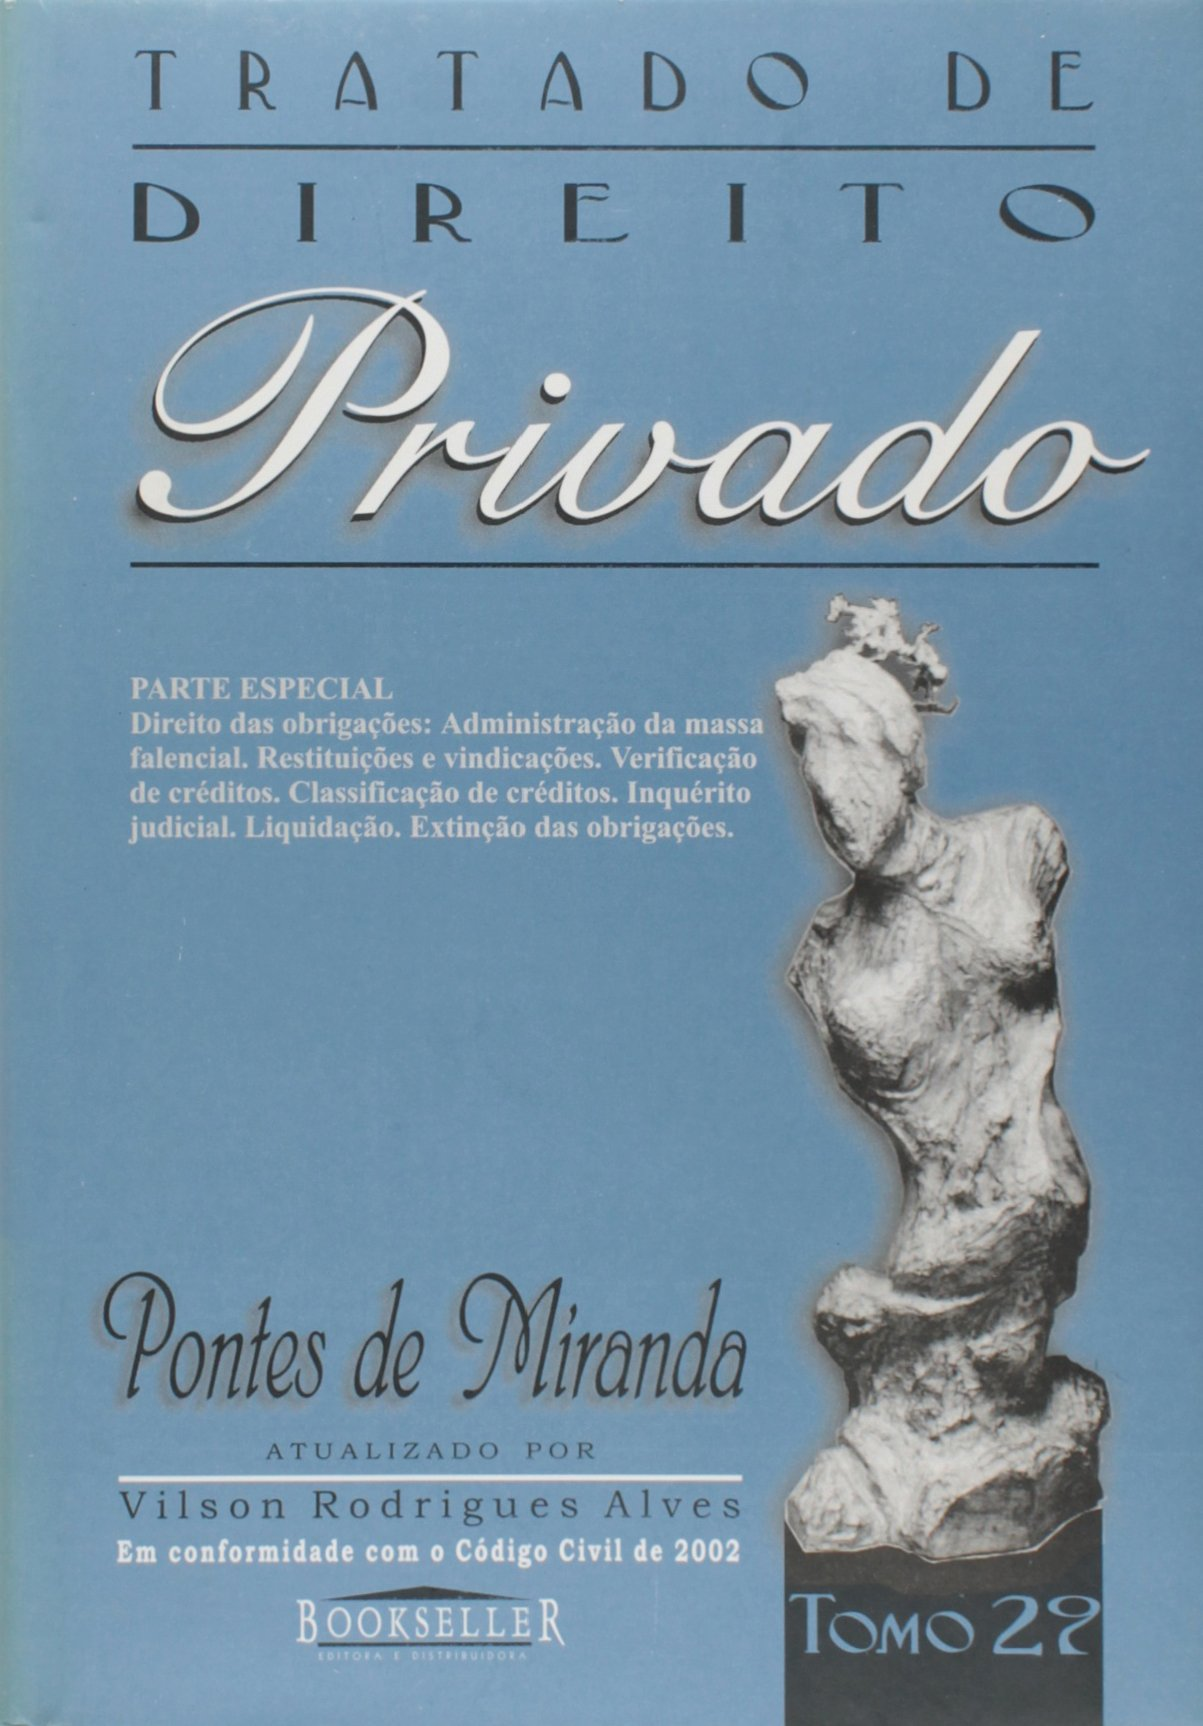 625e09b082 Tratado de Direito Privado - Tomo 29  Pontes de Miranda  9788574682716   Amazon.com  Books